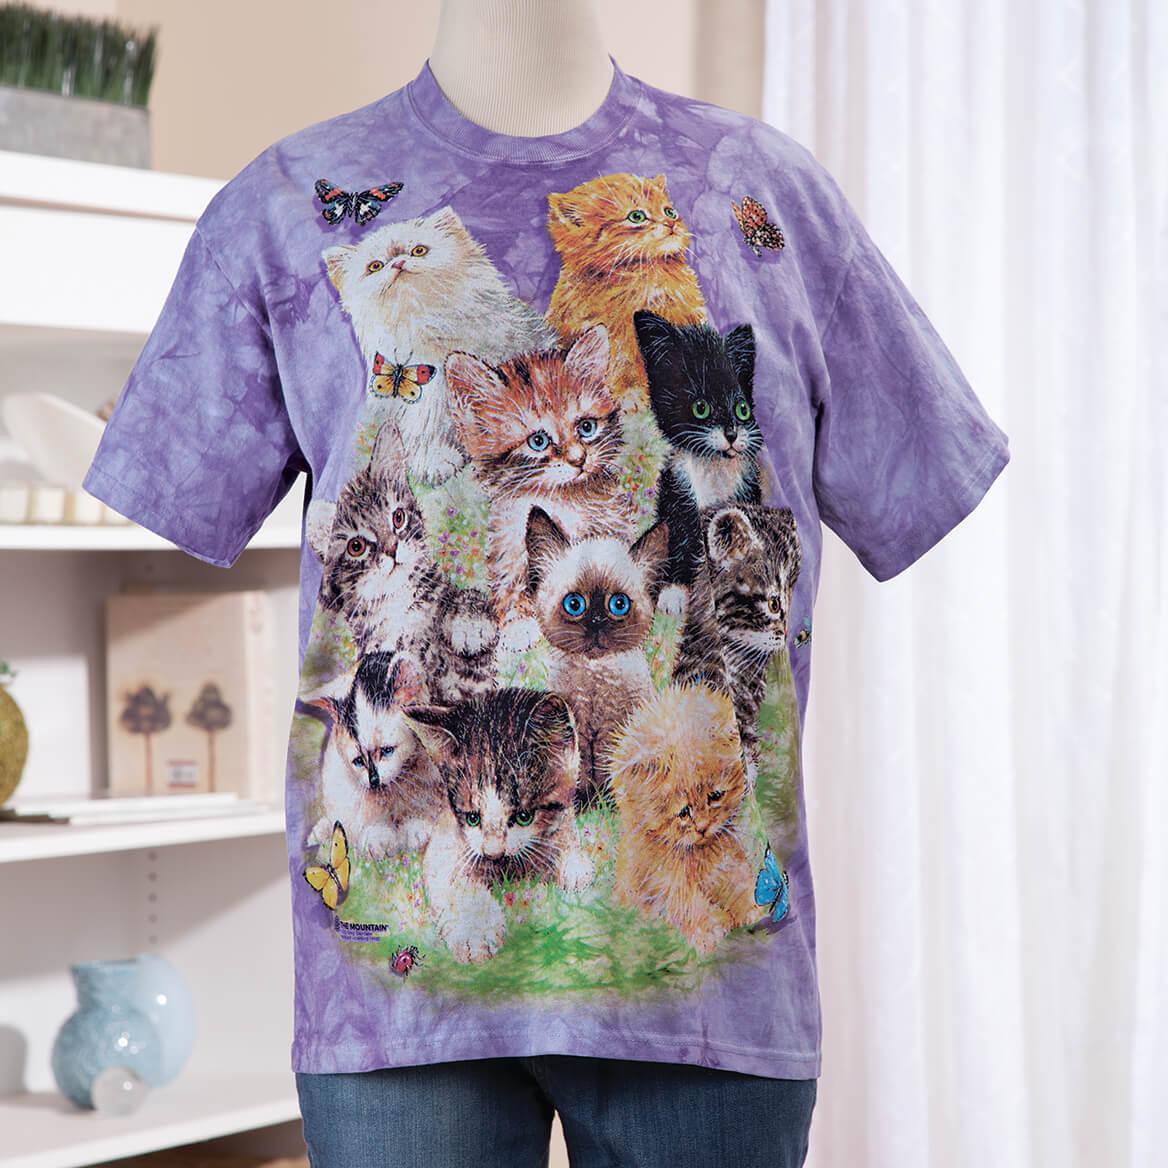 Springtime Kittens T-Shirt-366186